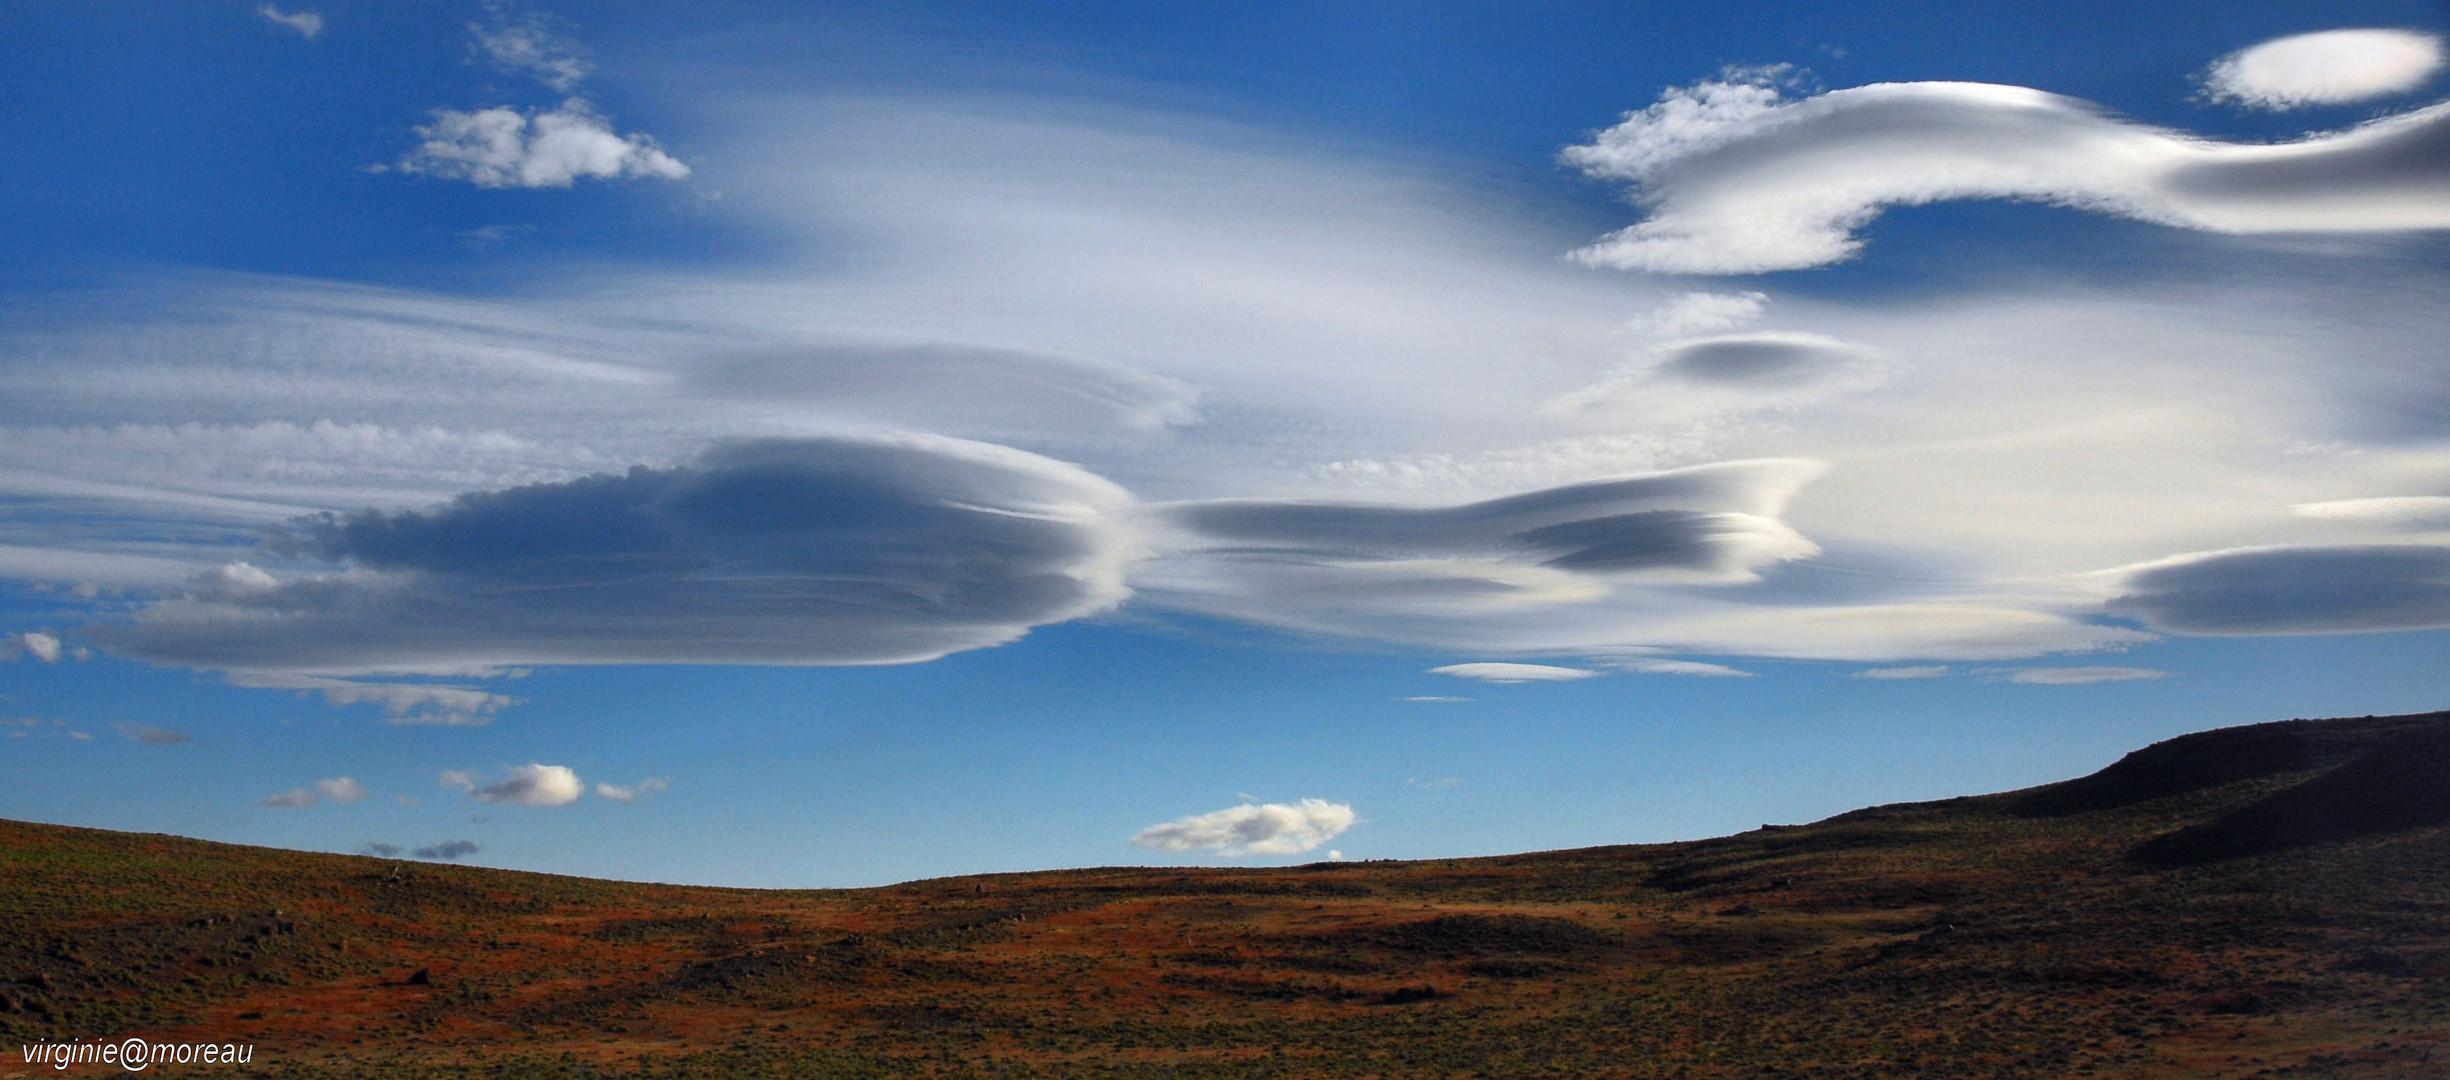 Incredible skies